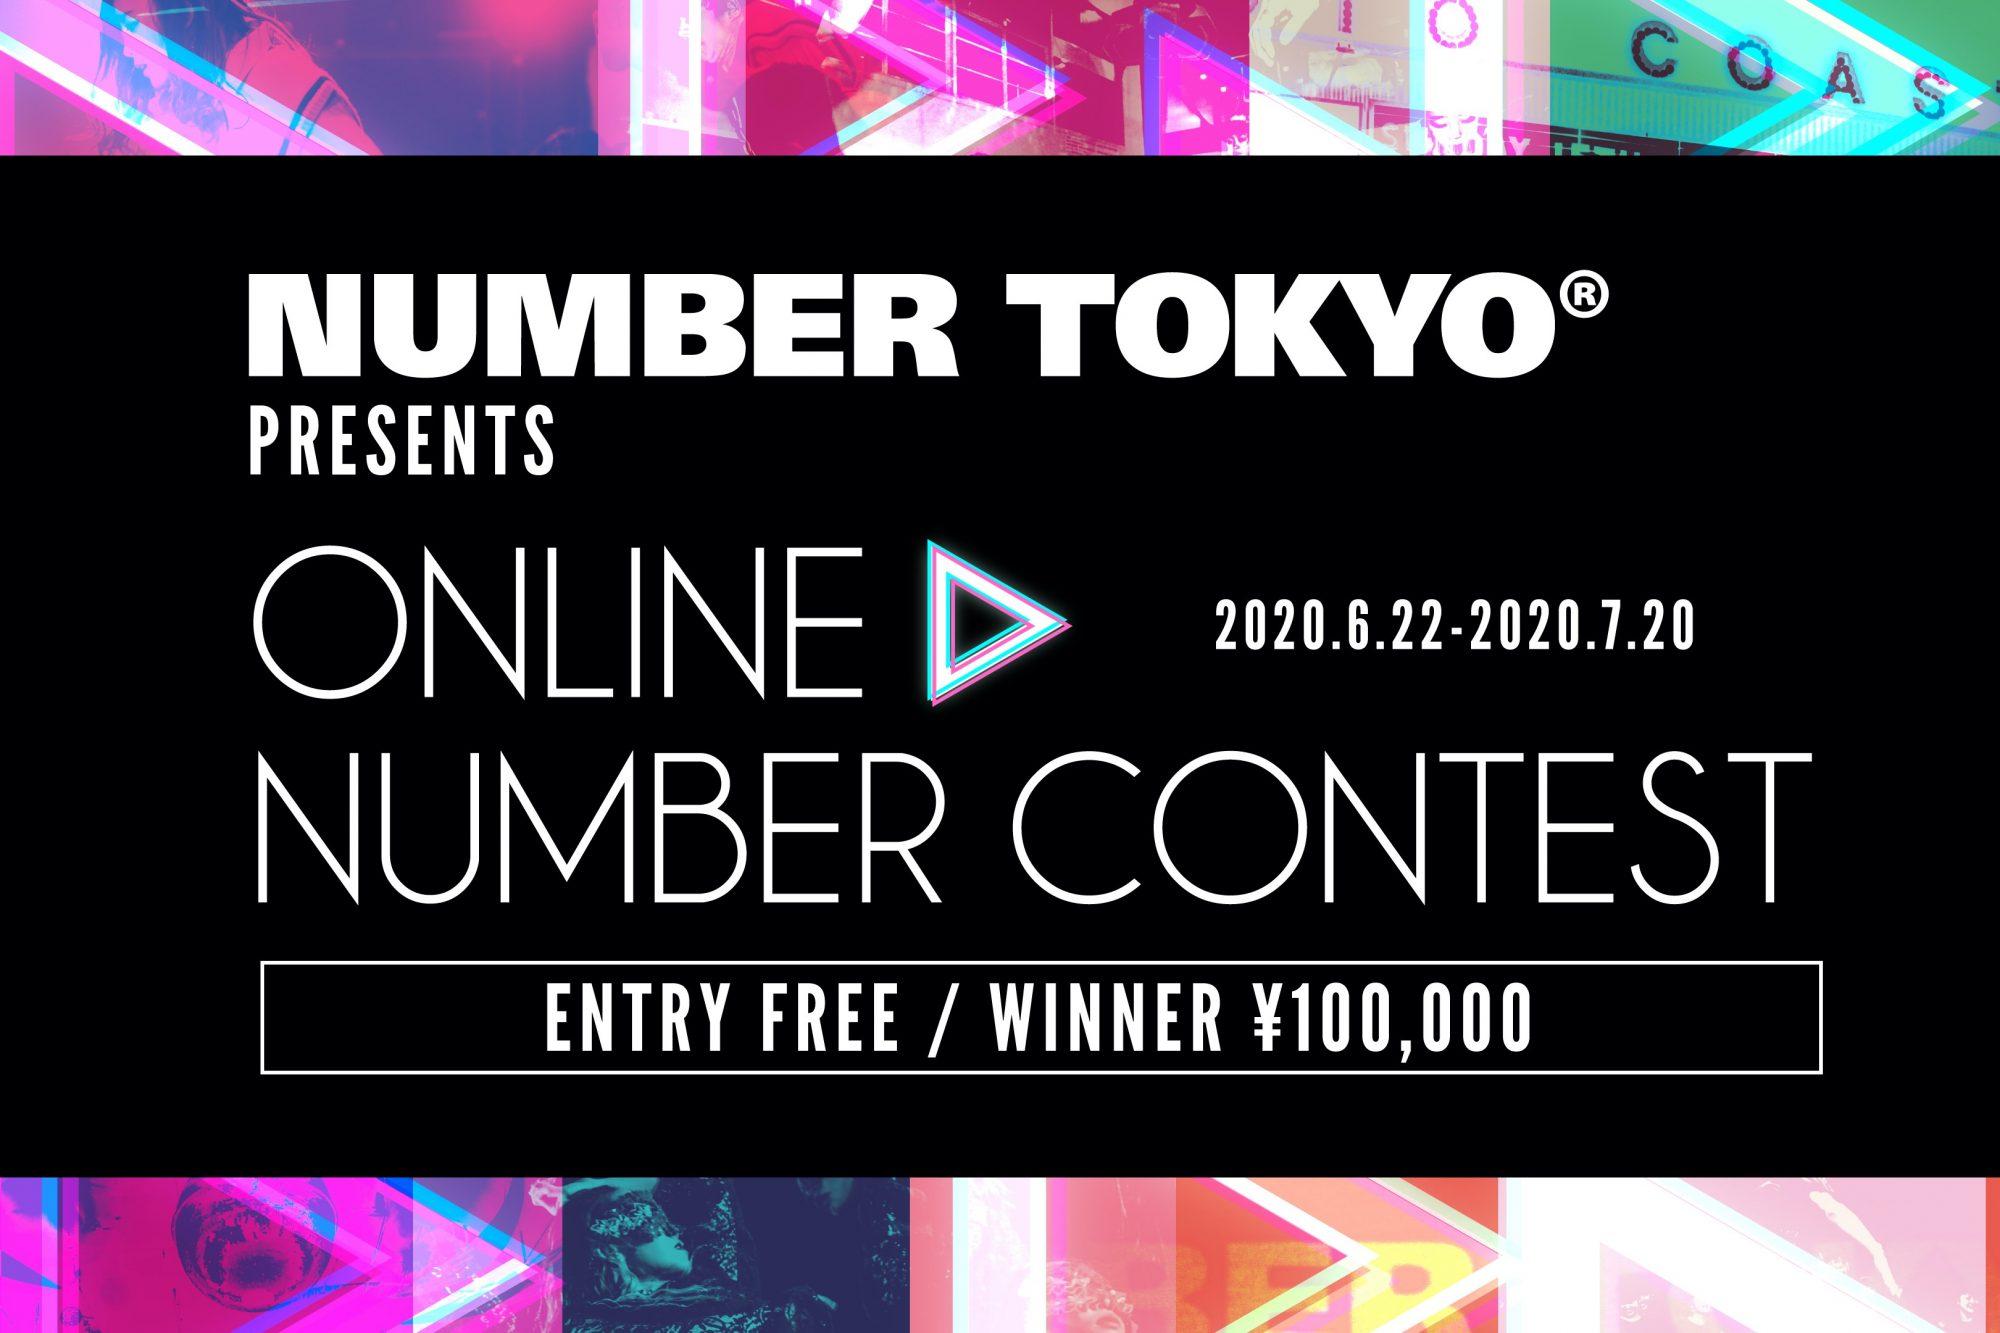 日本初のオンラインナンバーコンテスト開催決定!